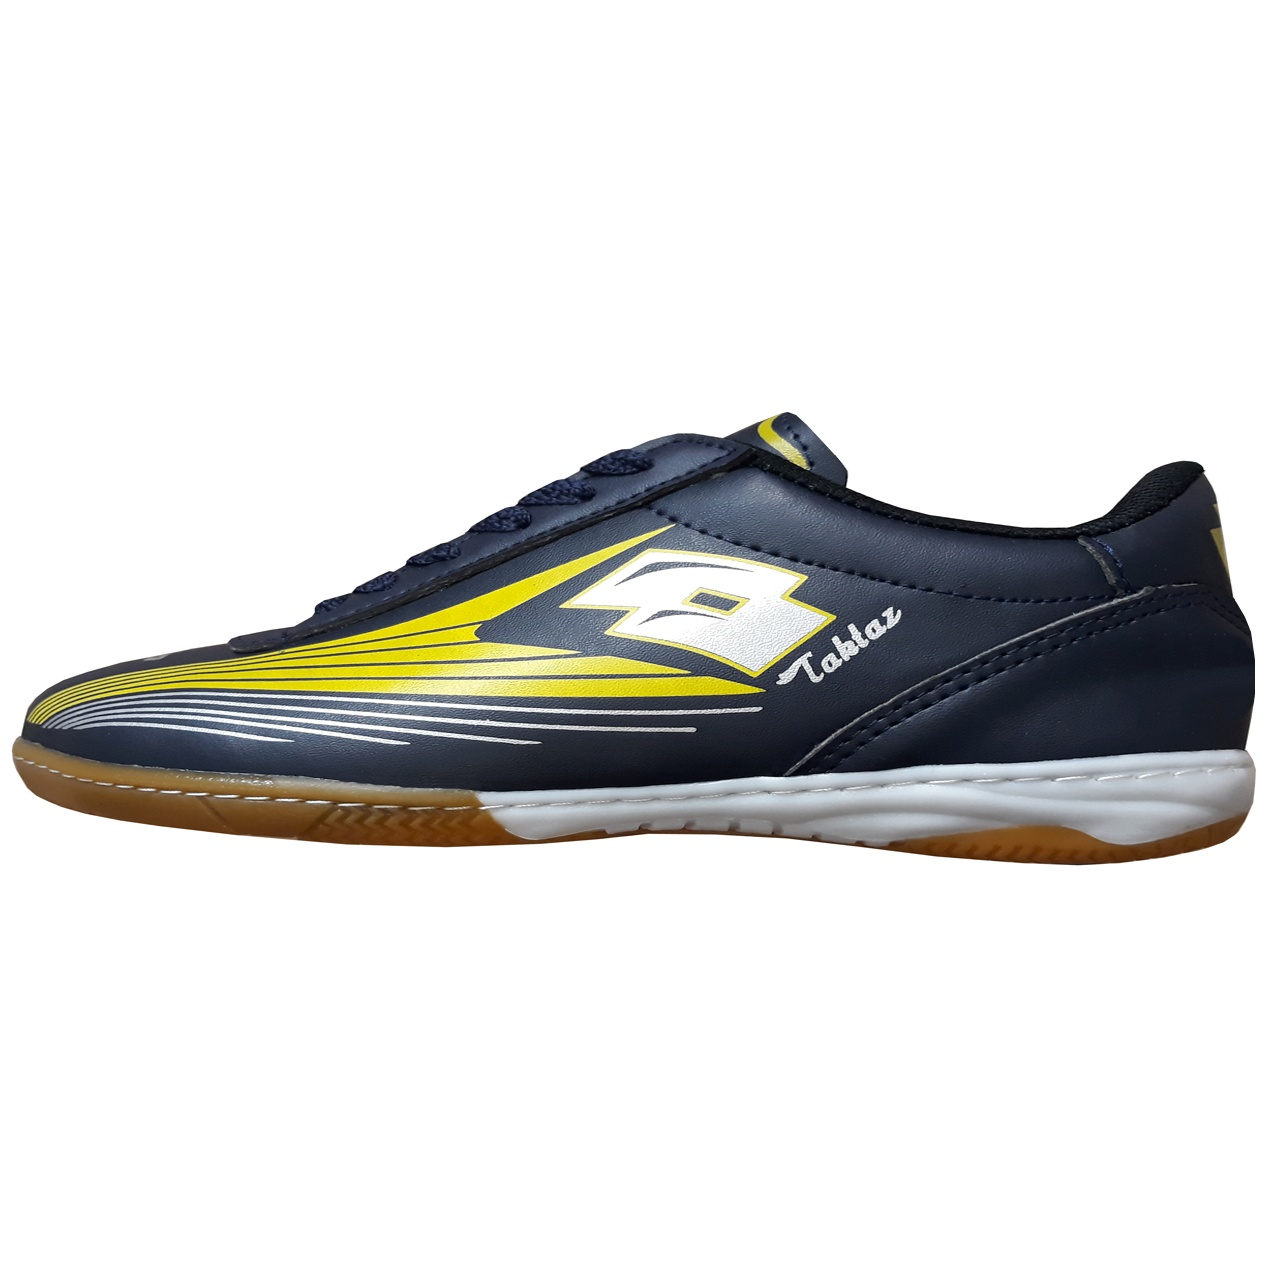 کفش فوتبال پسرانه تکتاز مدل 004